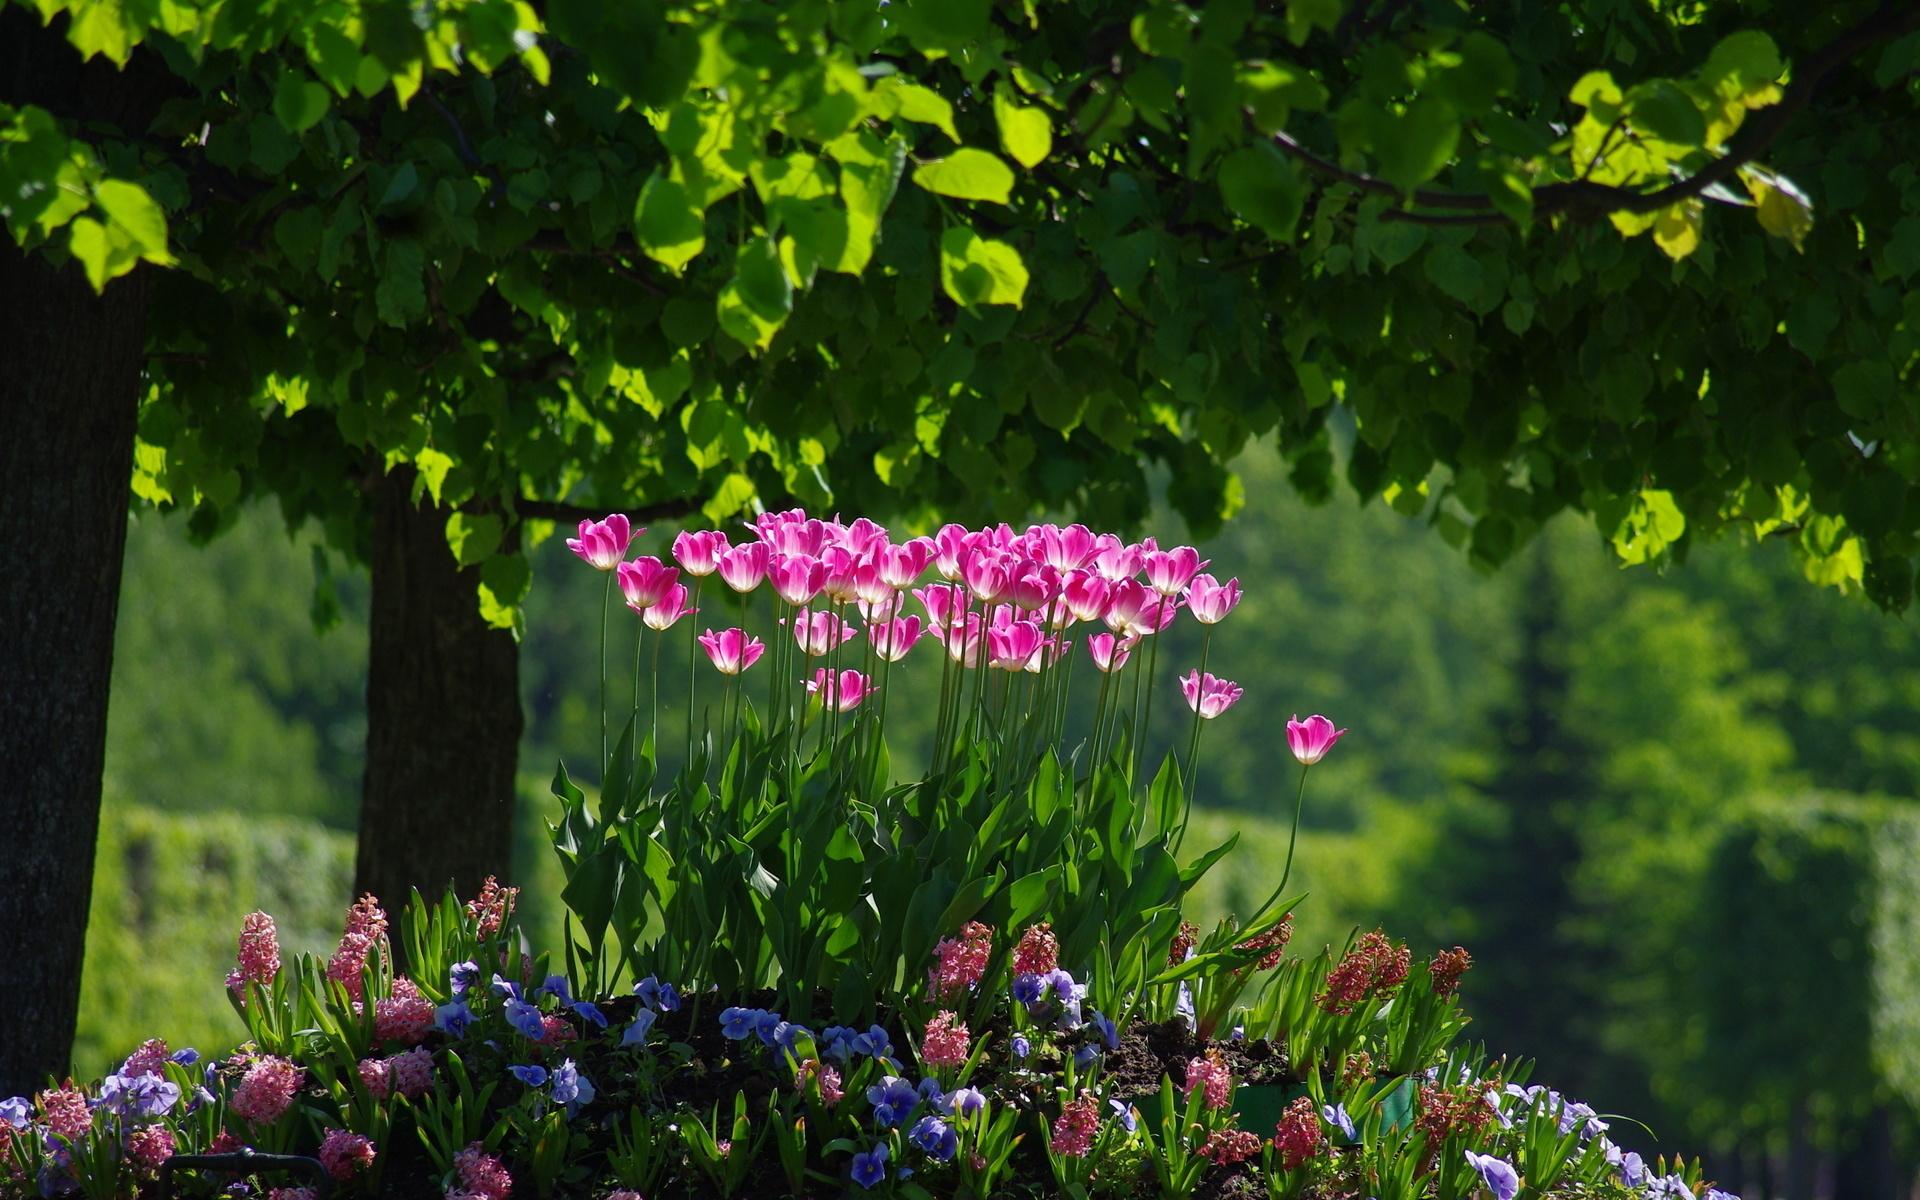 части обои на рабочий стол весна лето цветы долго